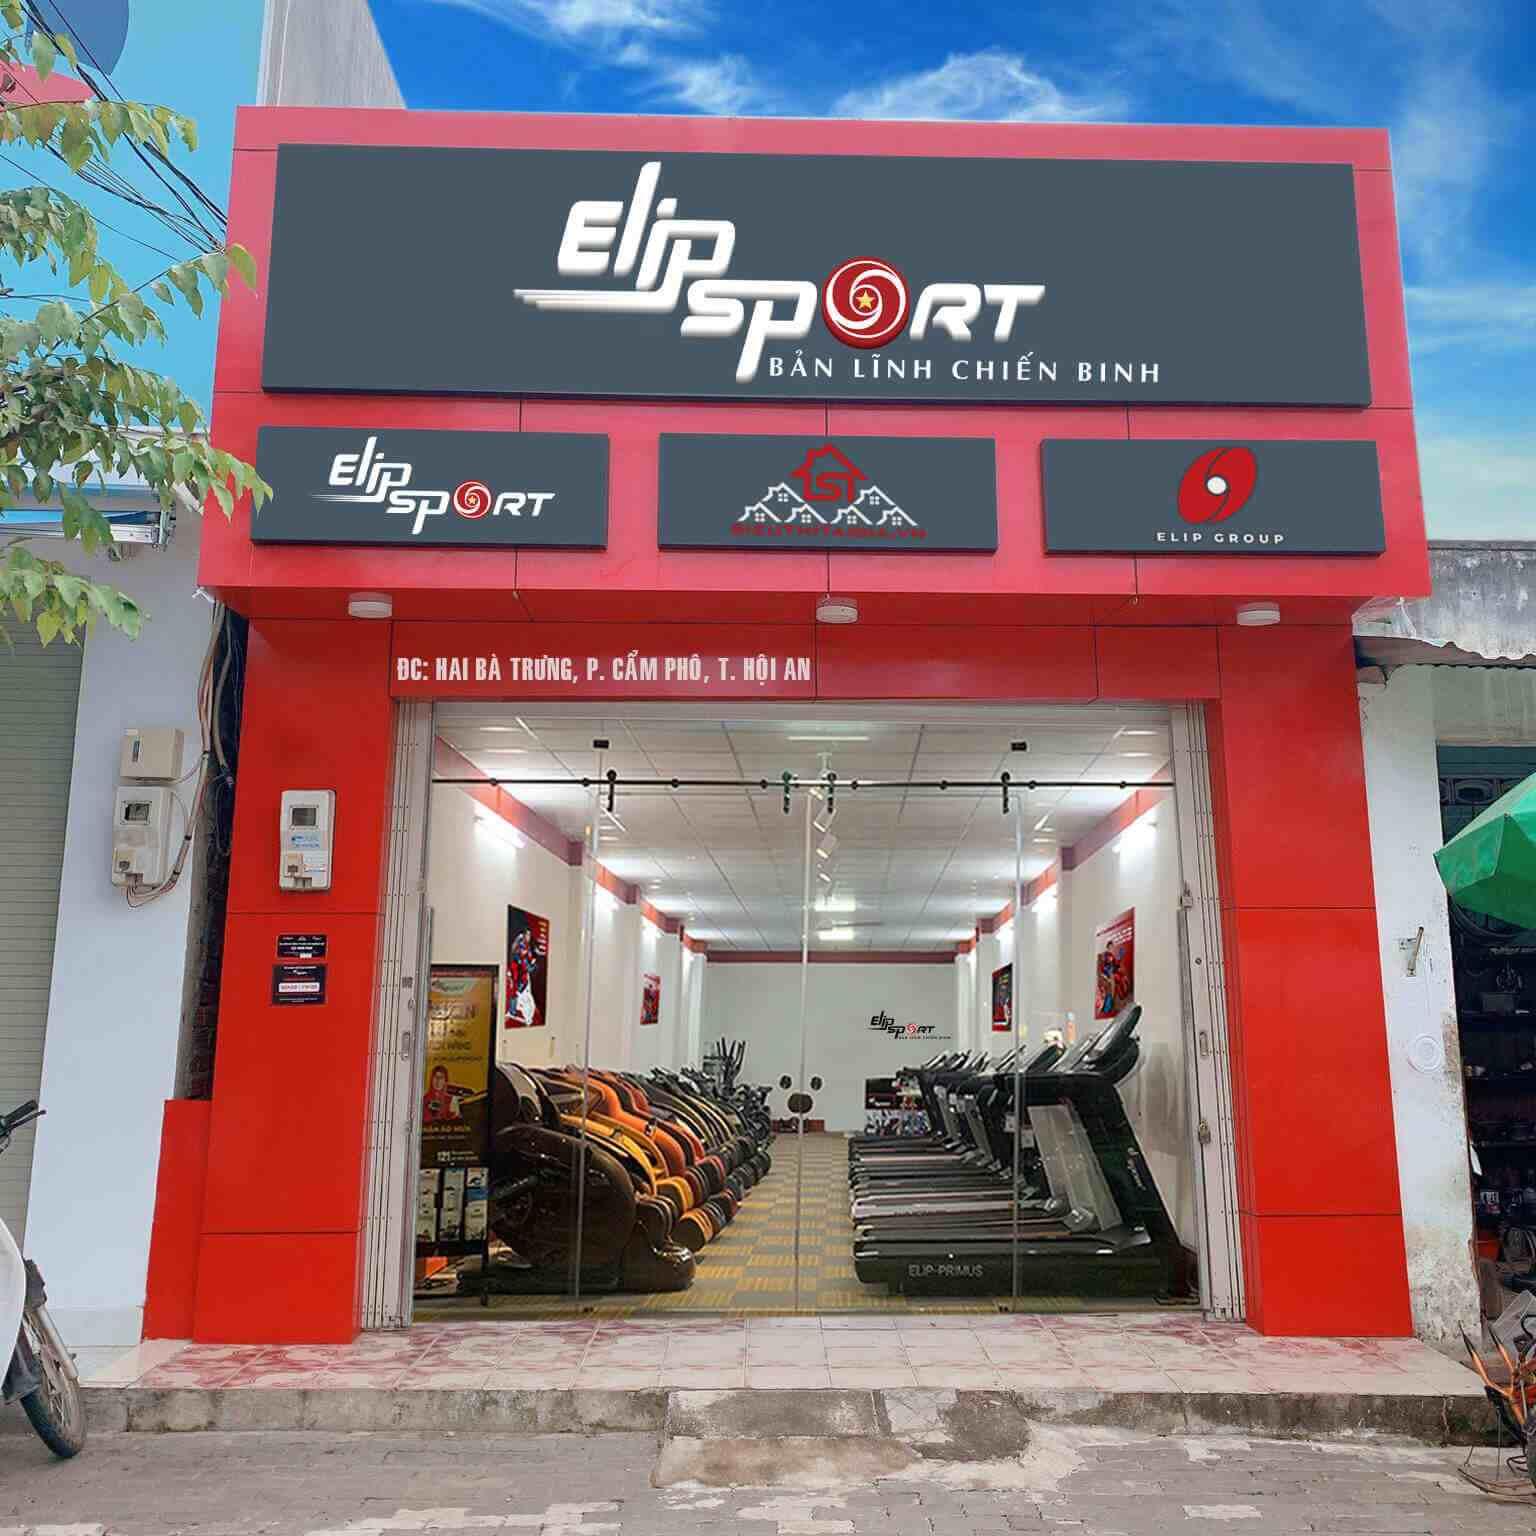 Hình ảnh của chi nhánh Elipsport Hội An